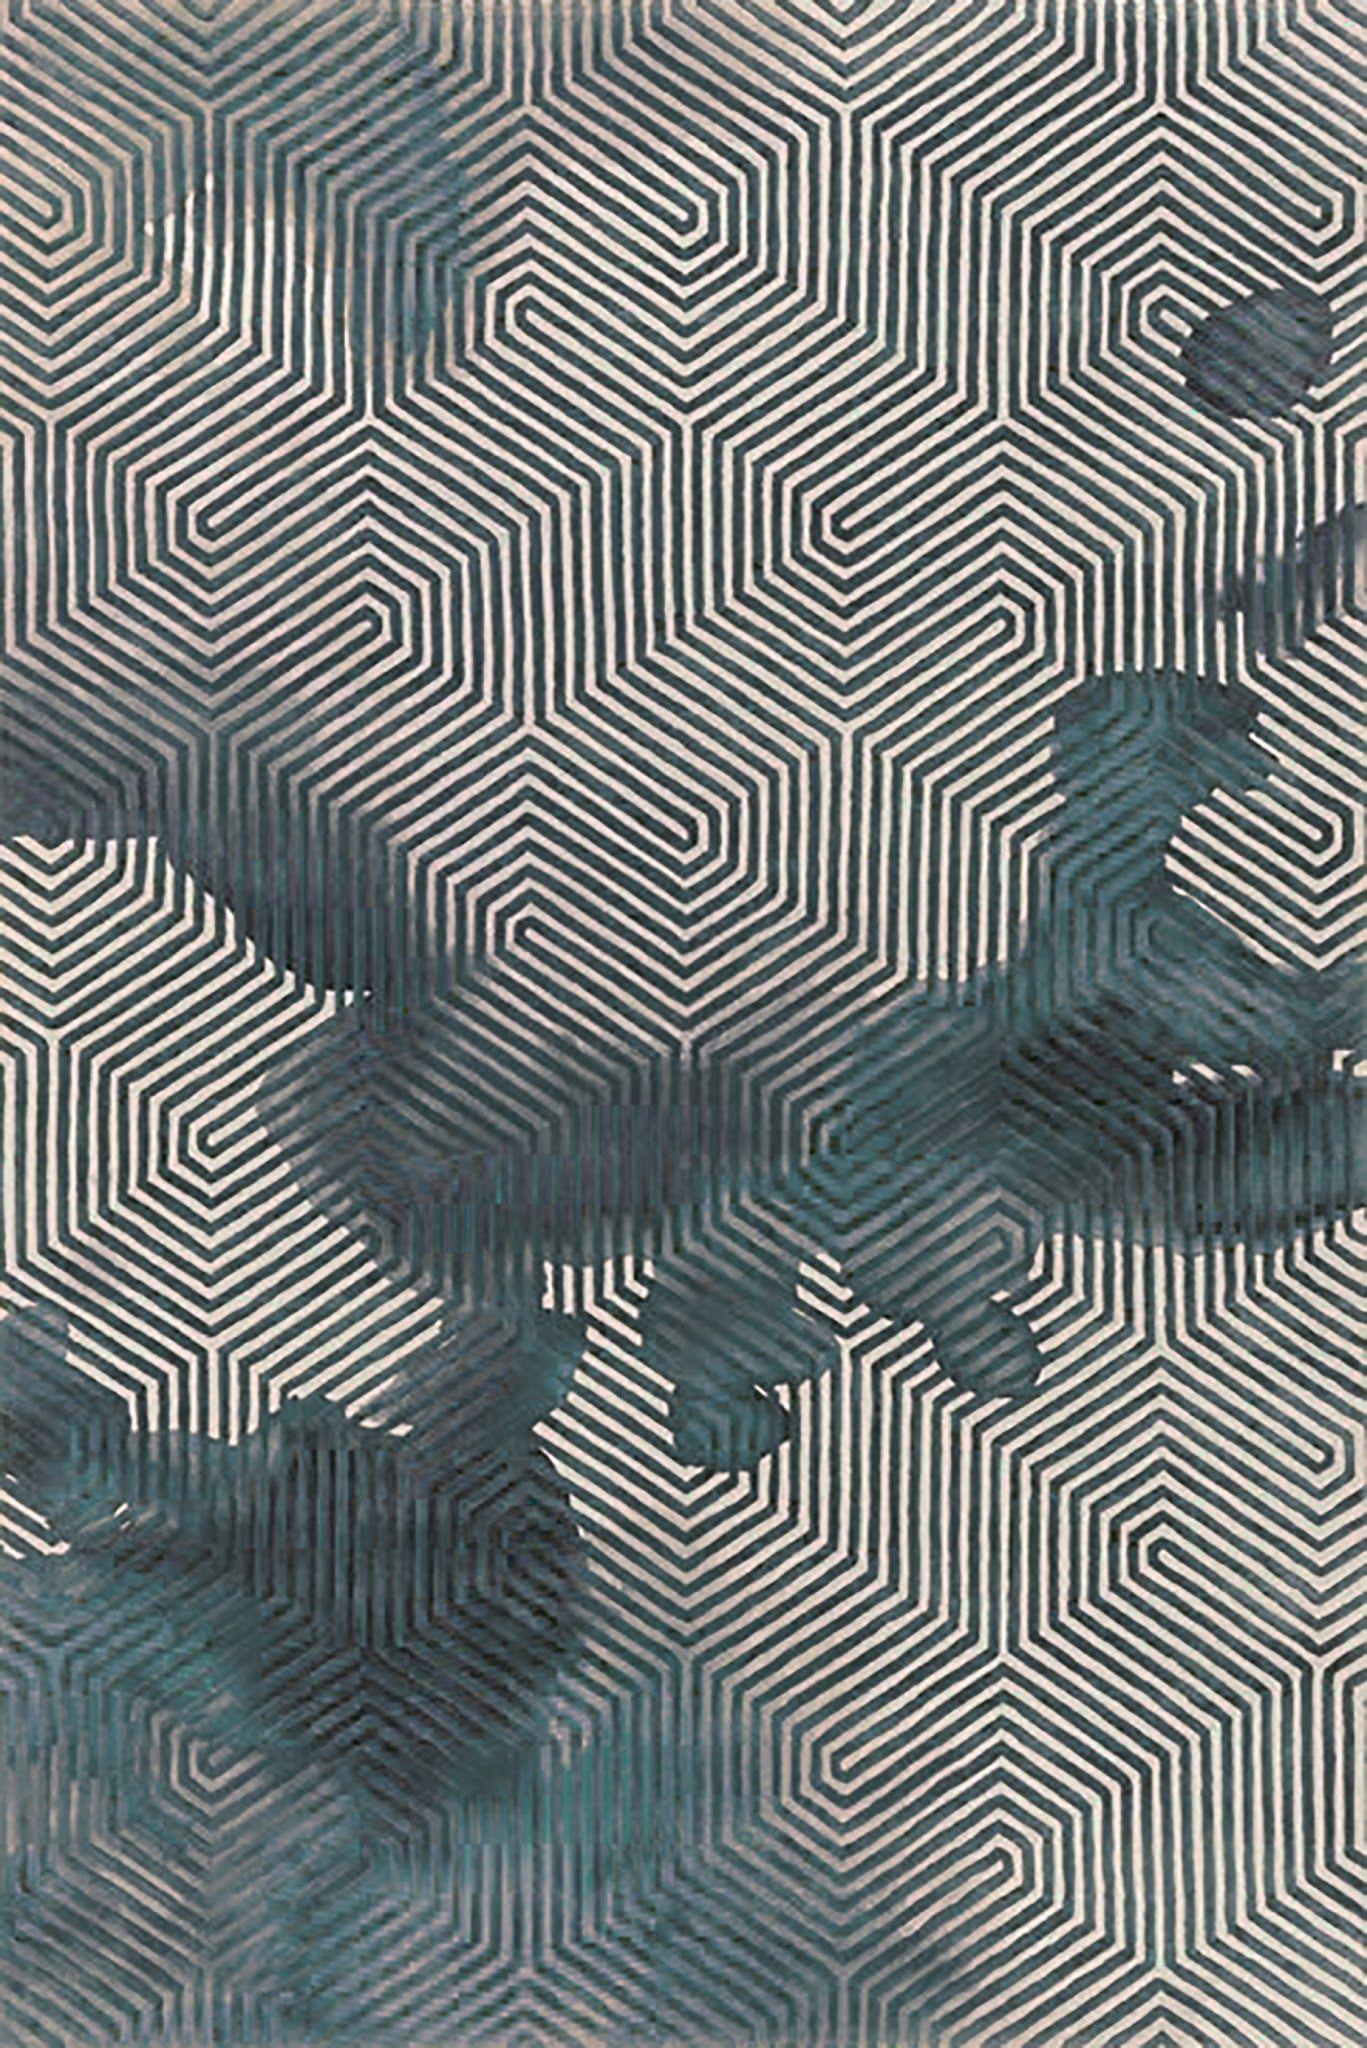 Pin By Atikah Seddek On Carpets Rugs In 2019 Textured